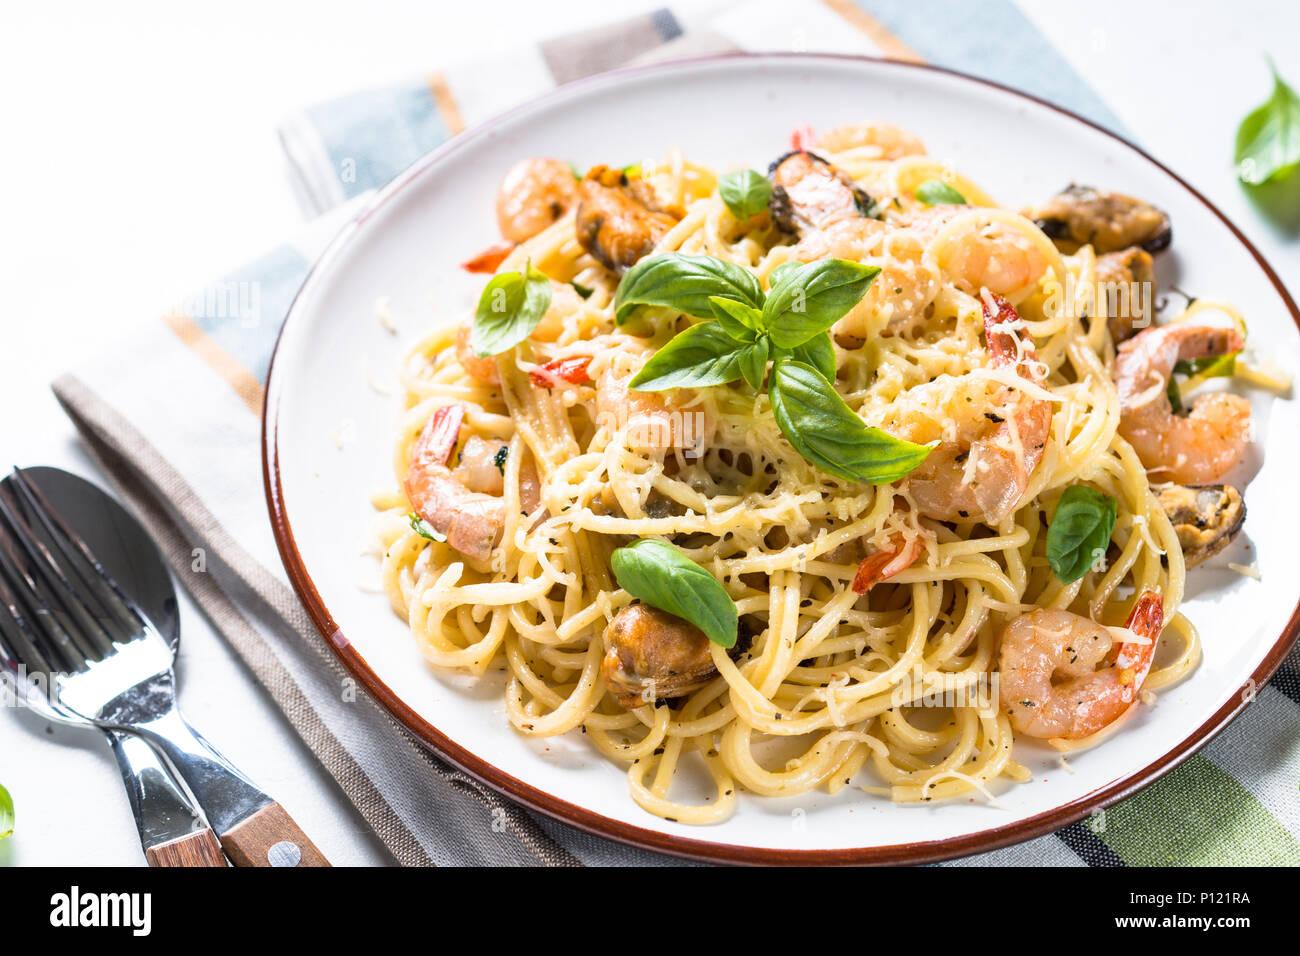 Spaghetti aux fruits de mer et pâtes sauce à la crème. Photo Stock